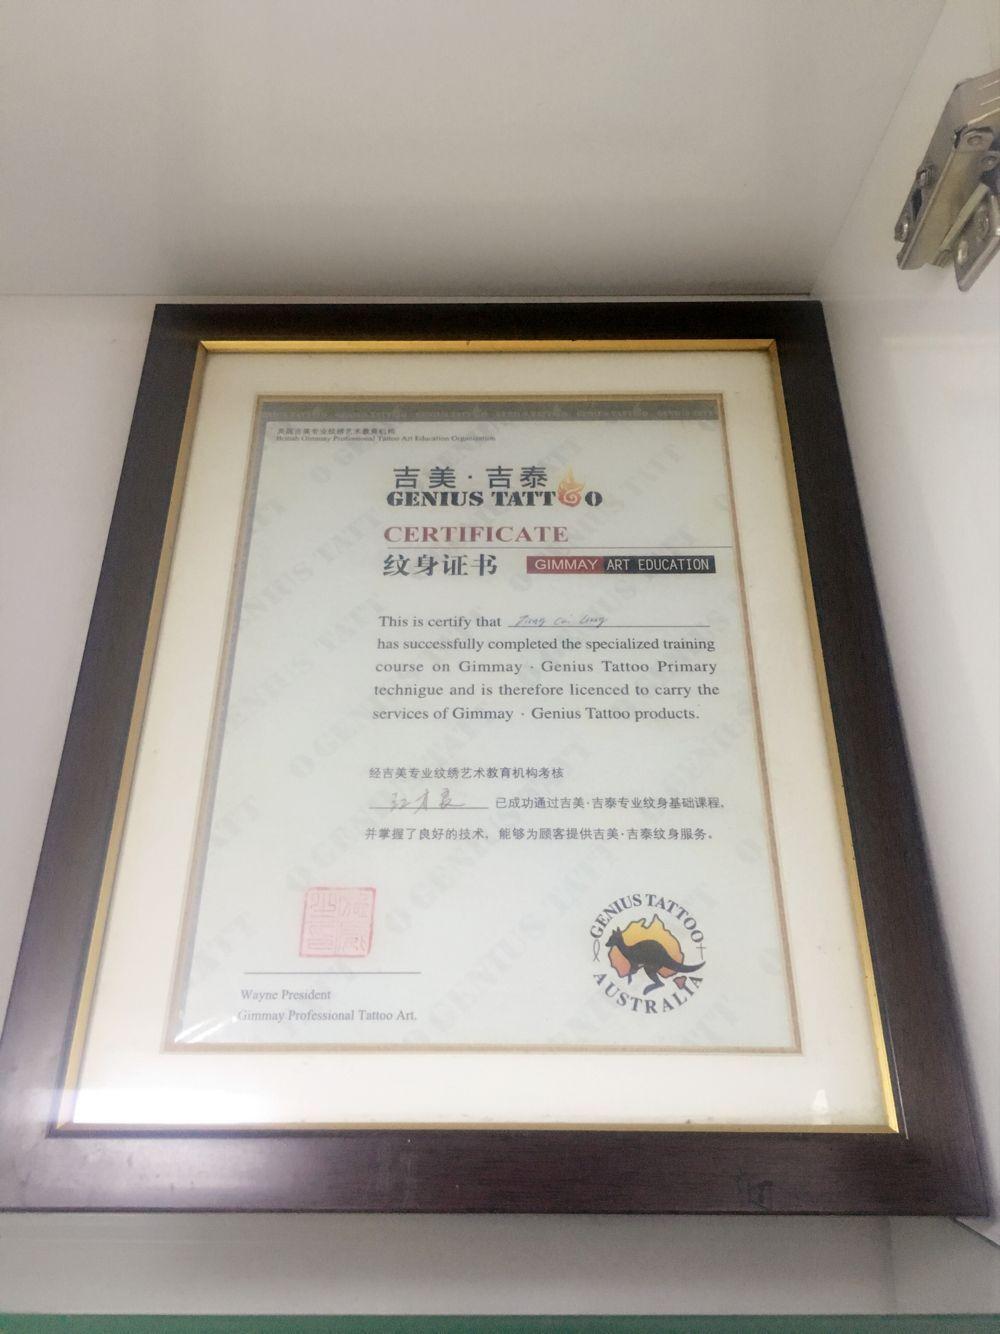 吉美吉泰纹身证书